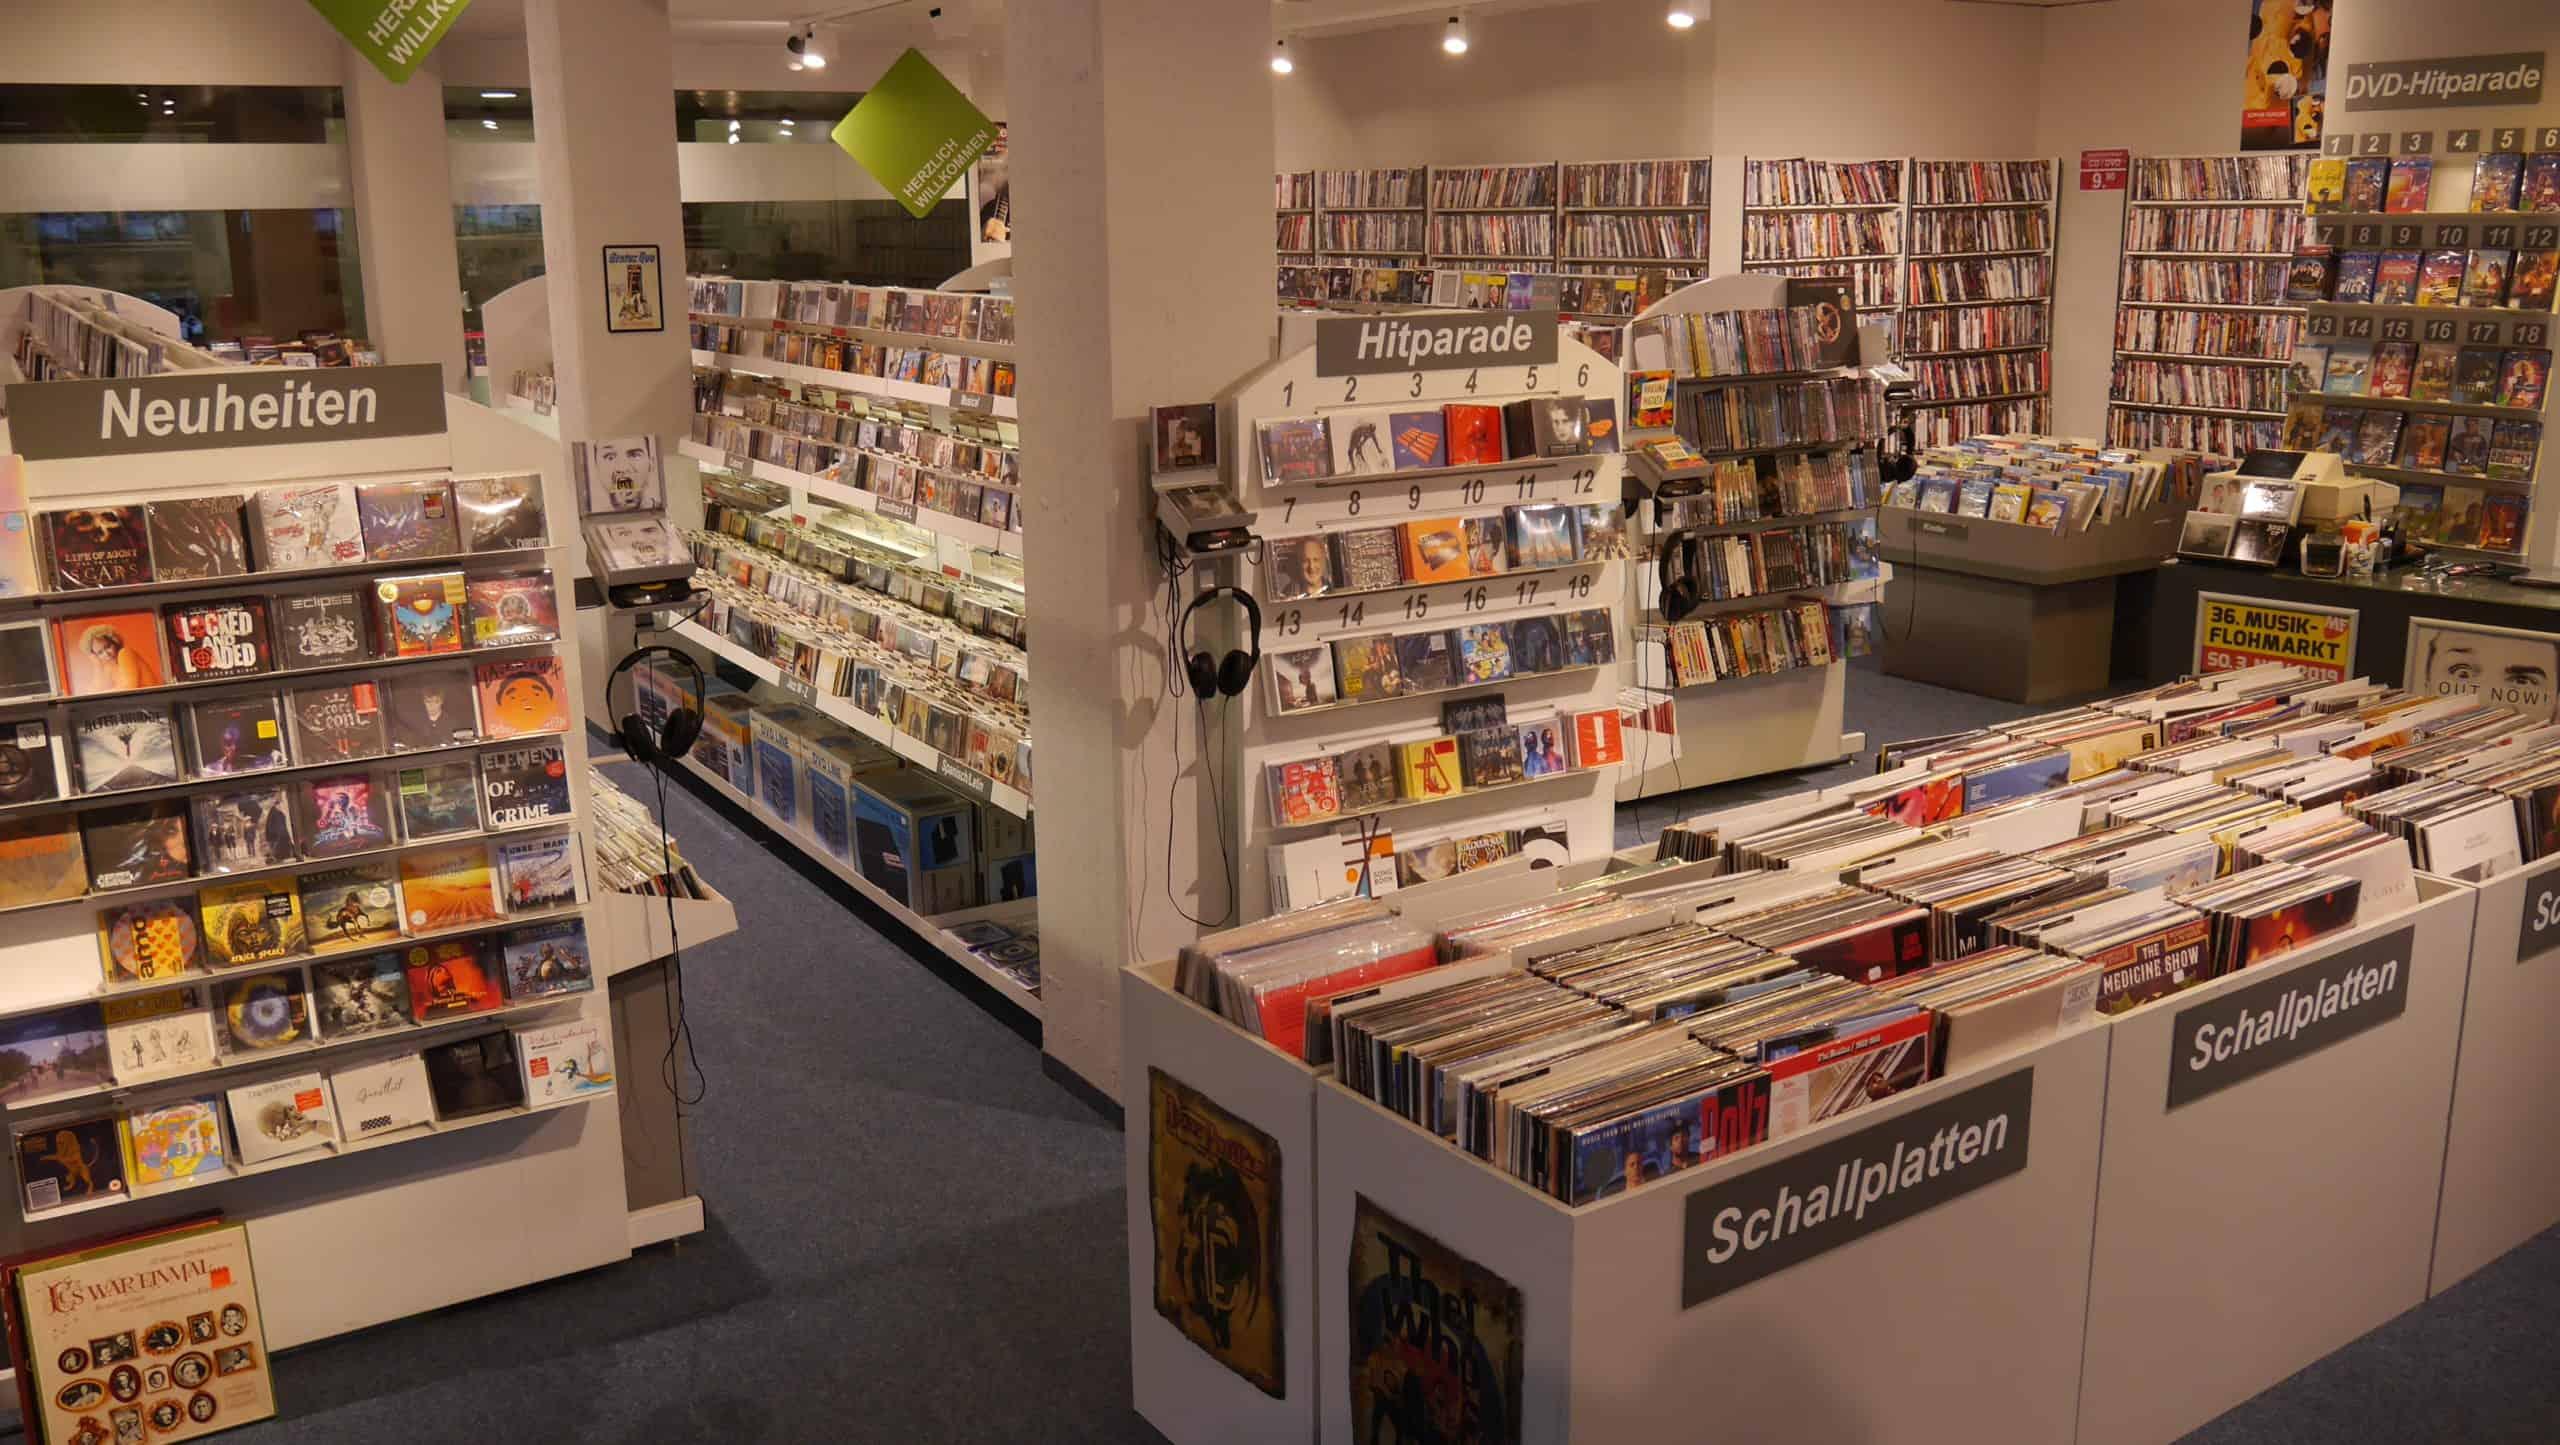 CD/DVD/LP Abteilung